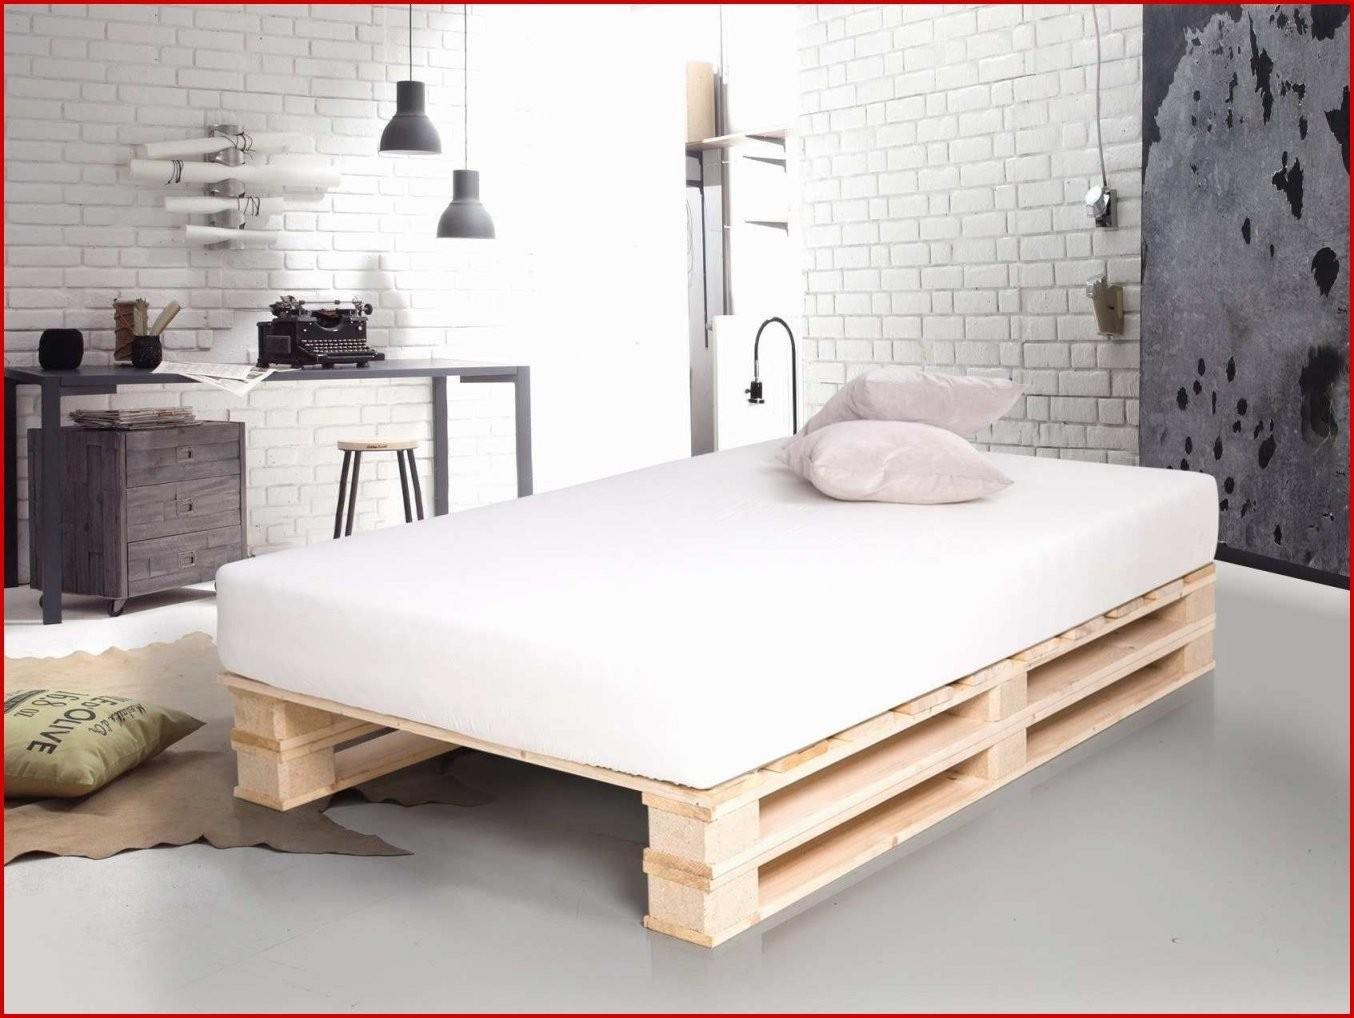 Podestbett Bauen Genug Podestbett Stauraum Bett Selber Bauen Cw47 von Podestbett Stauraum Bett Selber Bauen Bild